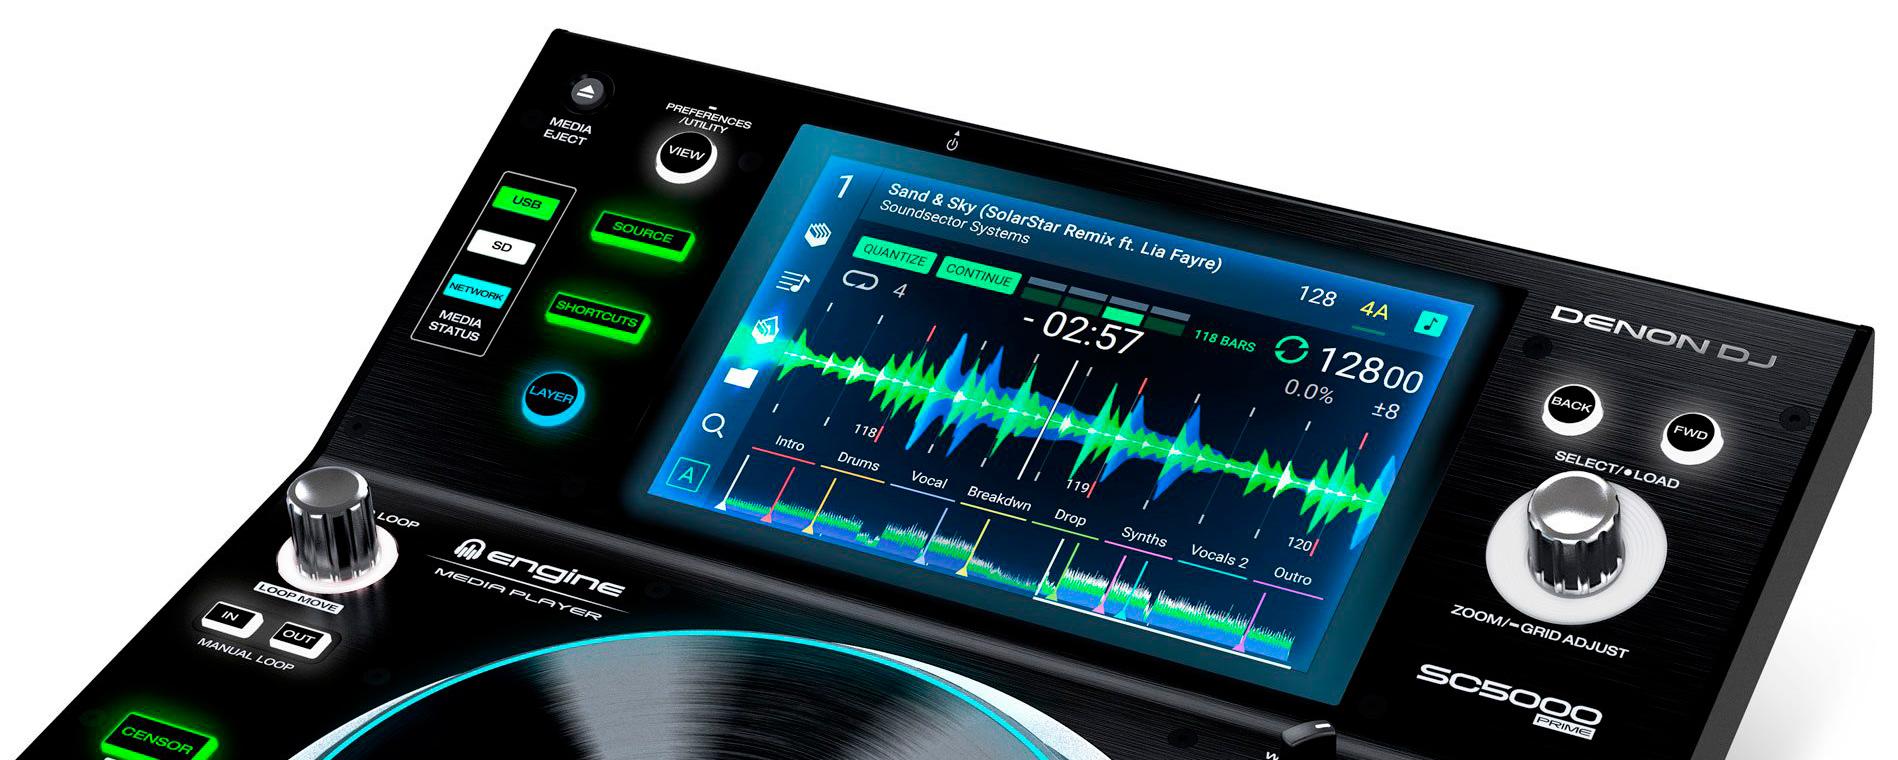 Denon DJ SC5000 pantalla